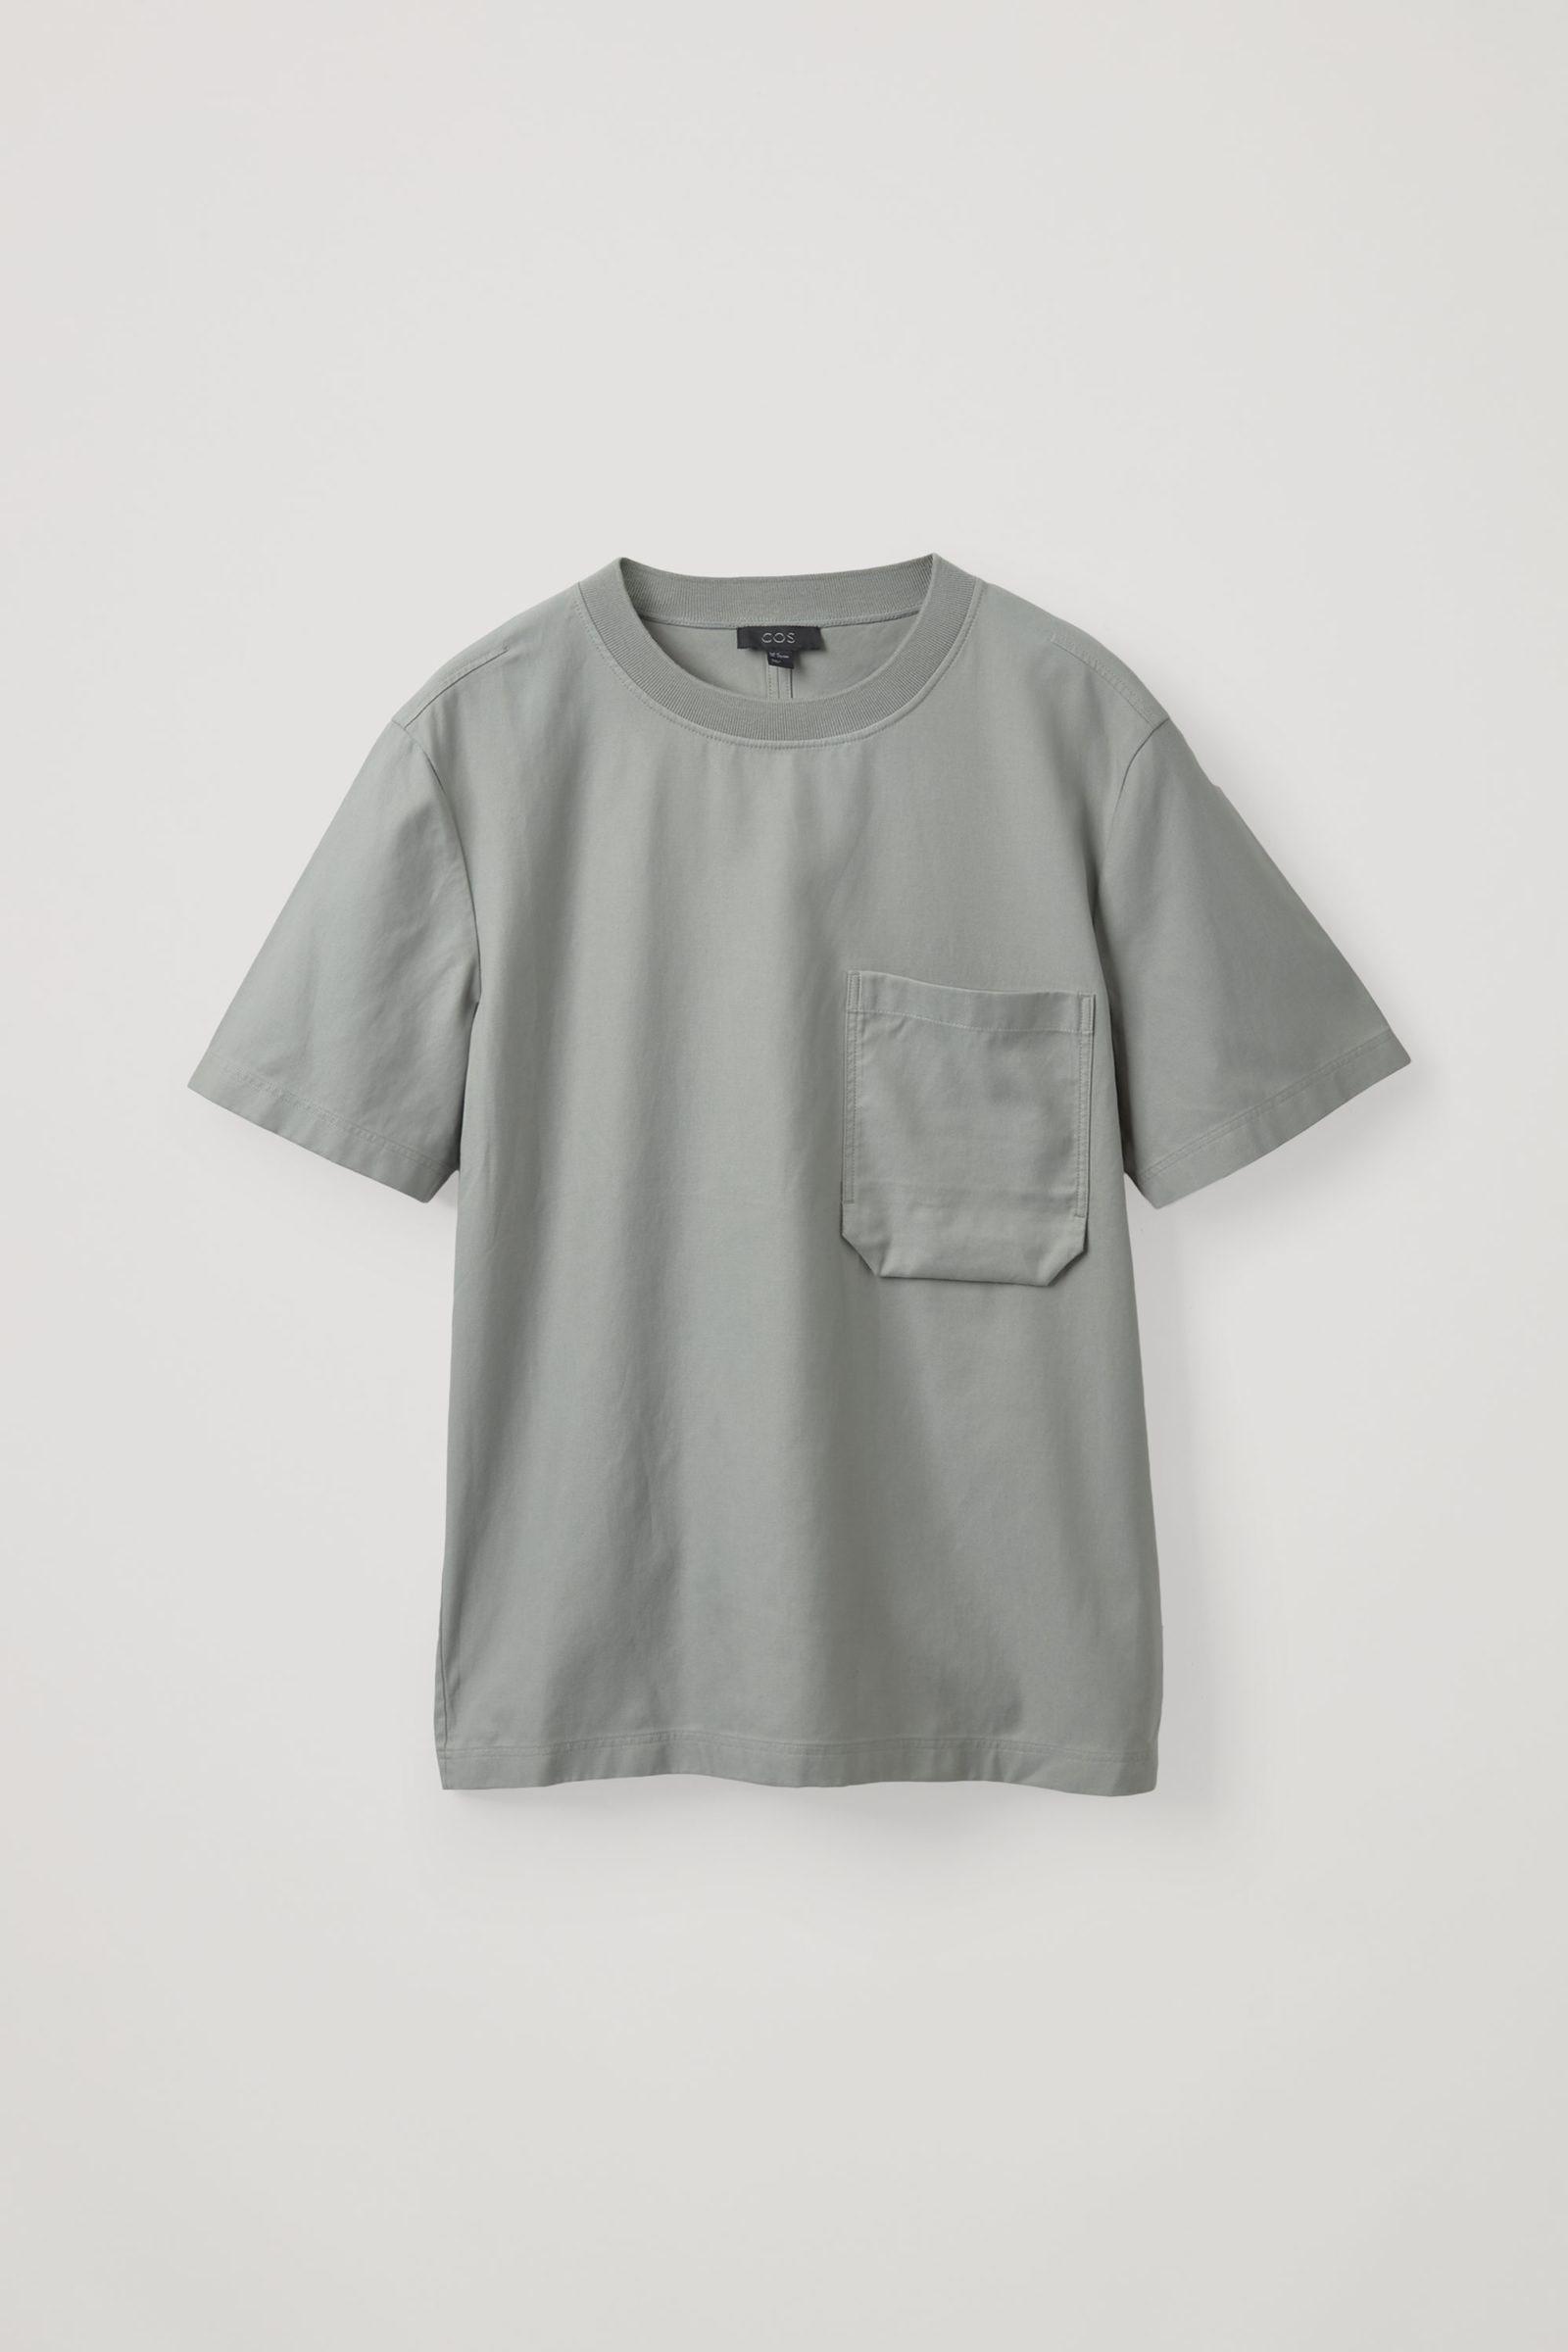 COS 코튼 라이오셀 믹스 컨스트럭티드 티셔츠의 그레이컬러 Product입니다.